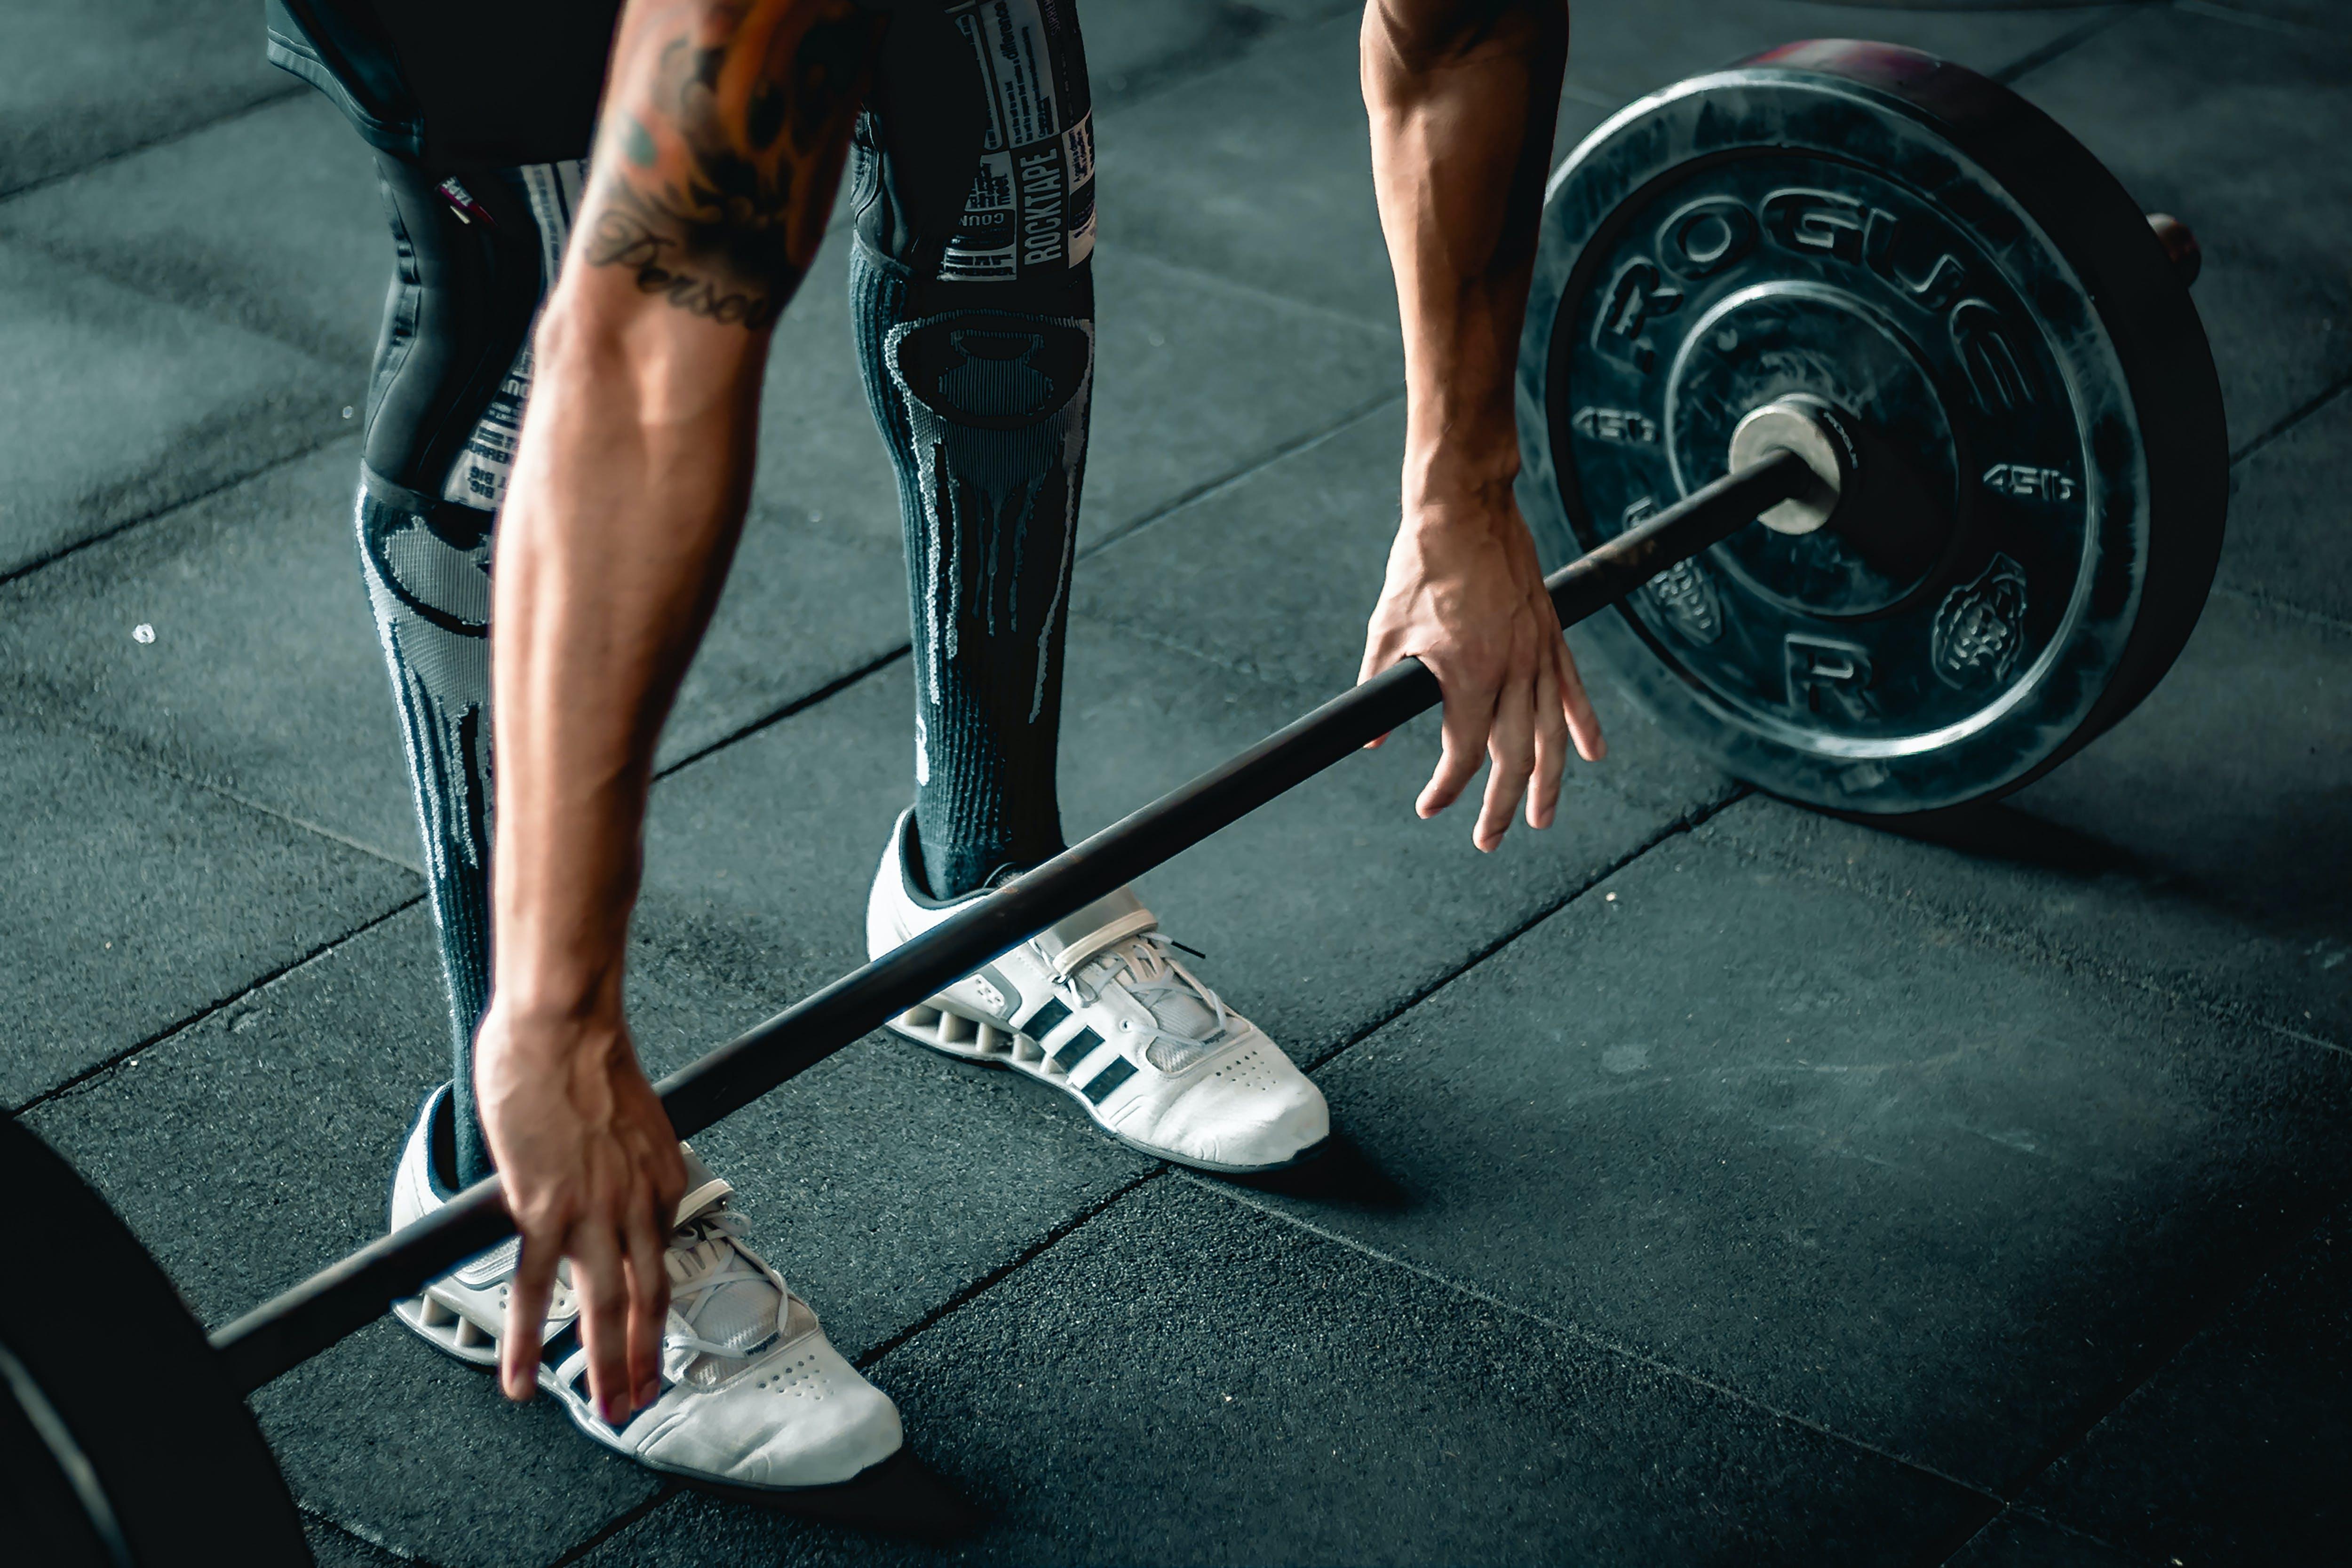 Δωρεάν στοκ φωτογραφιών με bodybuilder, bodybuilding, άθλημα, αθλητής